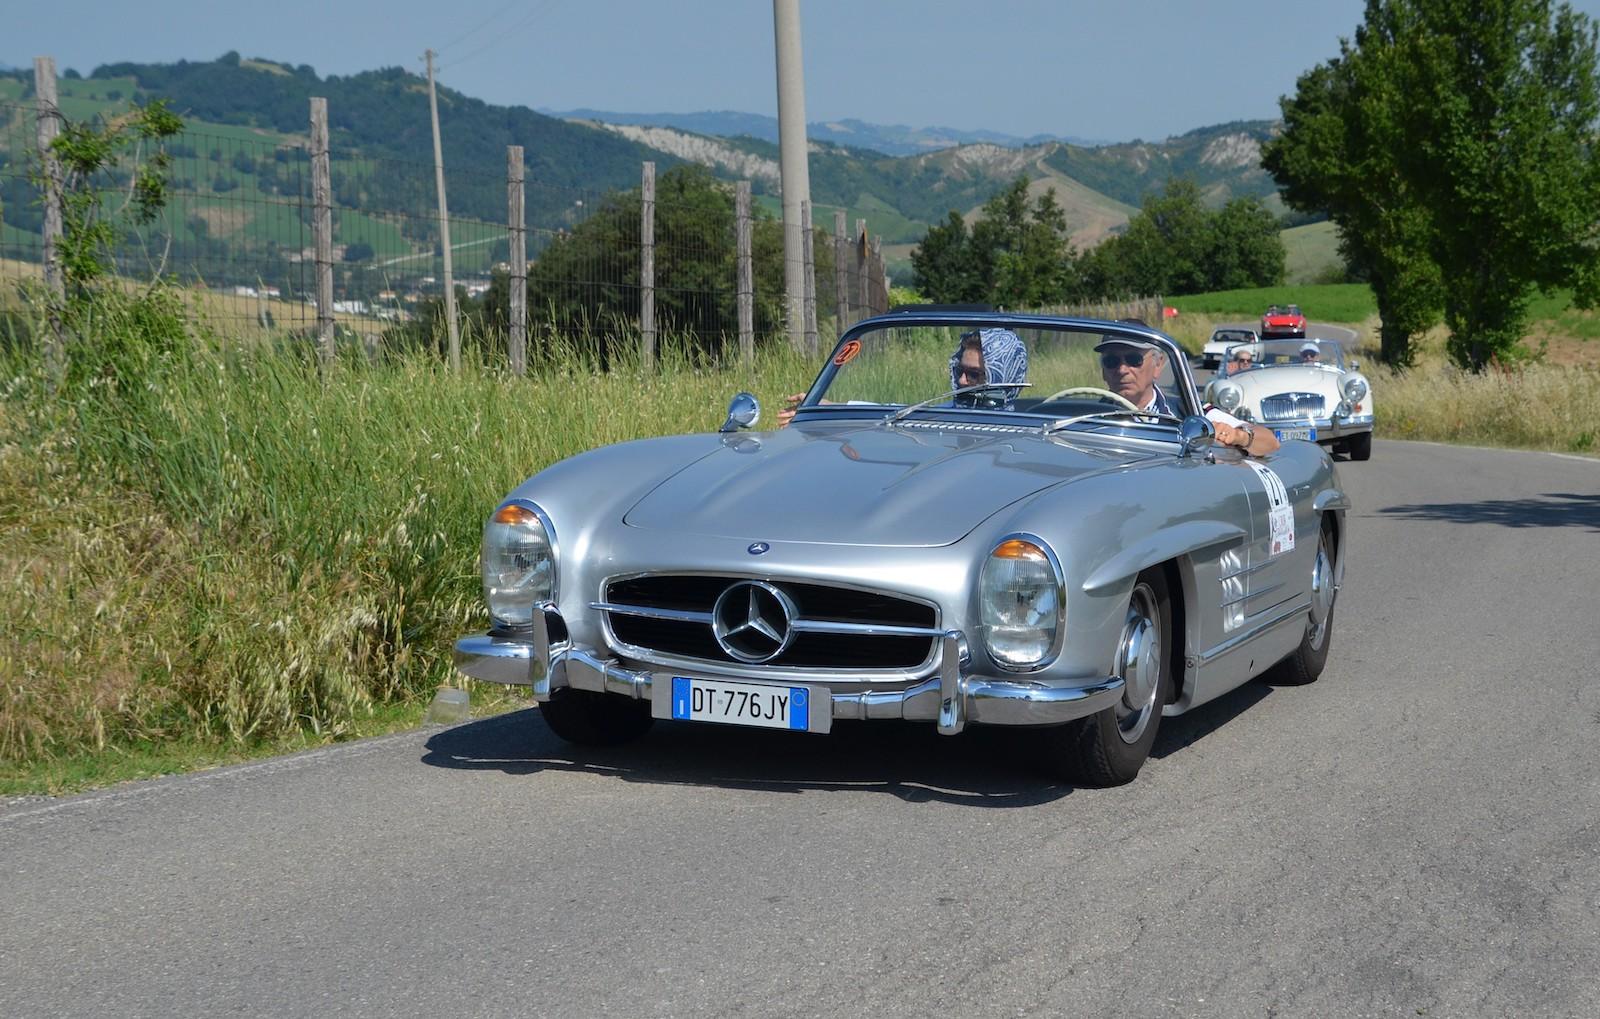 Highlights from the Circuito Citta di Collecchio 2018